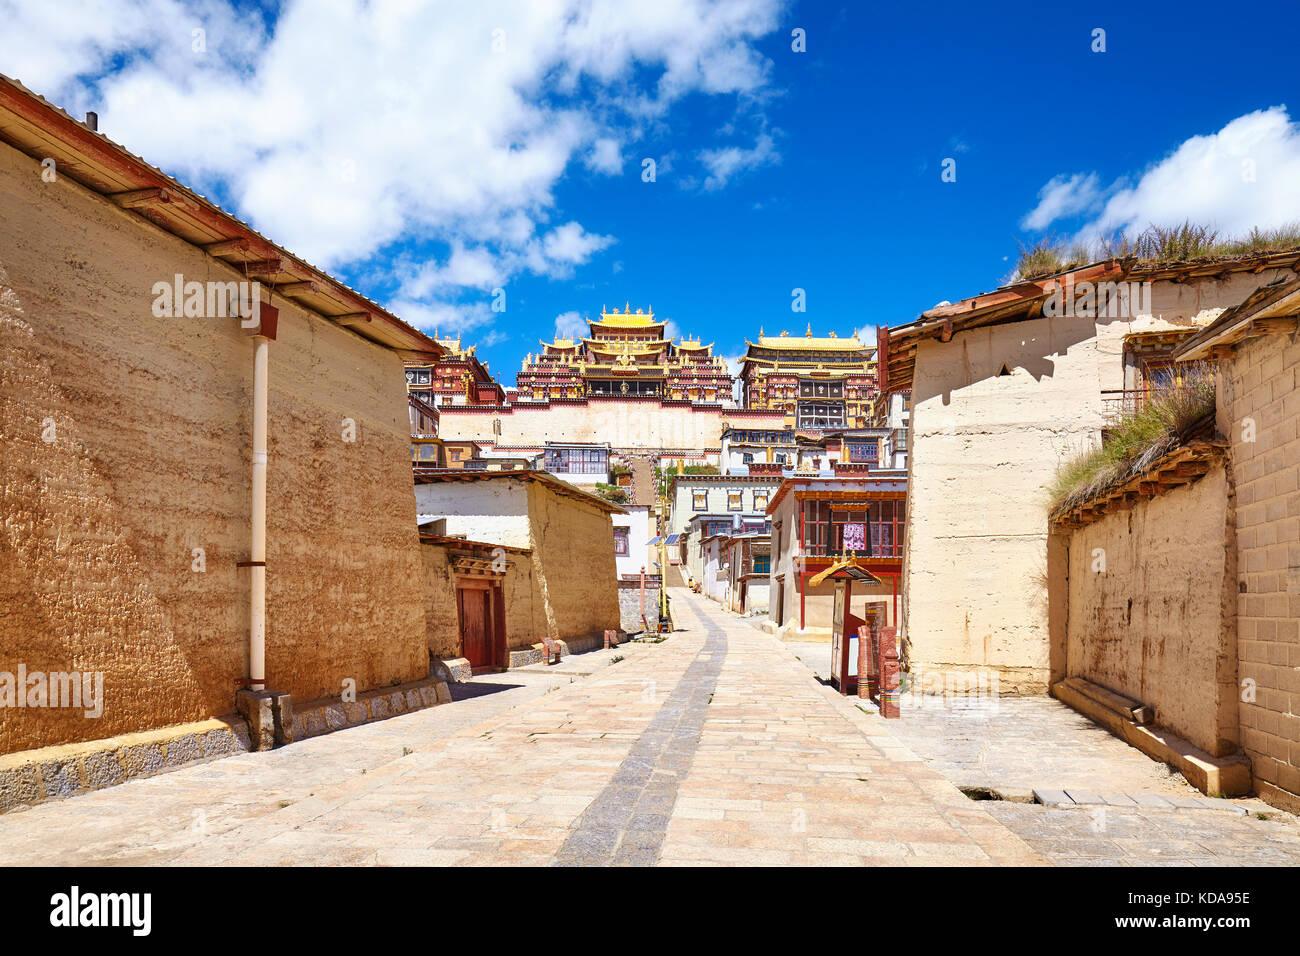 Strada nel monastero Songzanlin, noto anche come sungtseling, ganden sumtsenling o poco potala, Yunnan in Cina. Immagini Stock